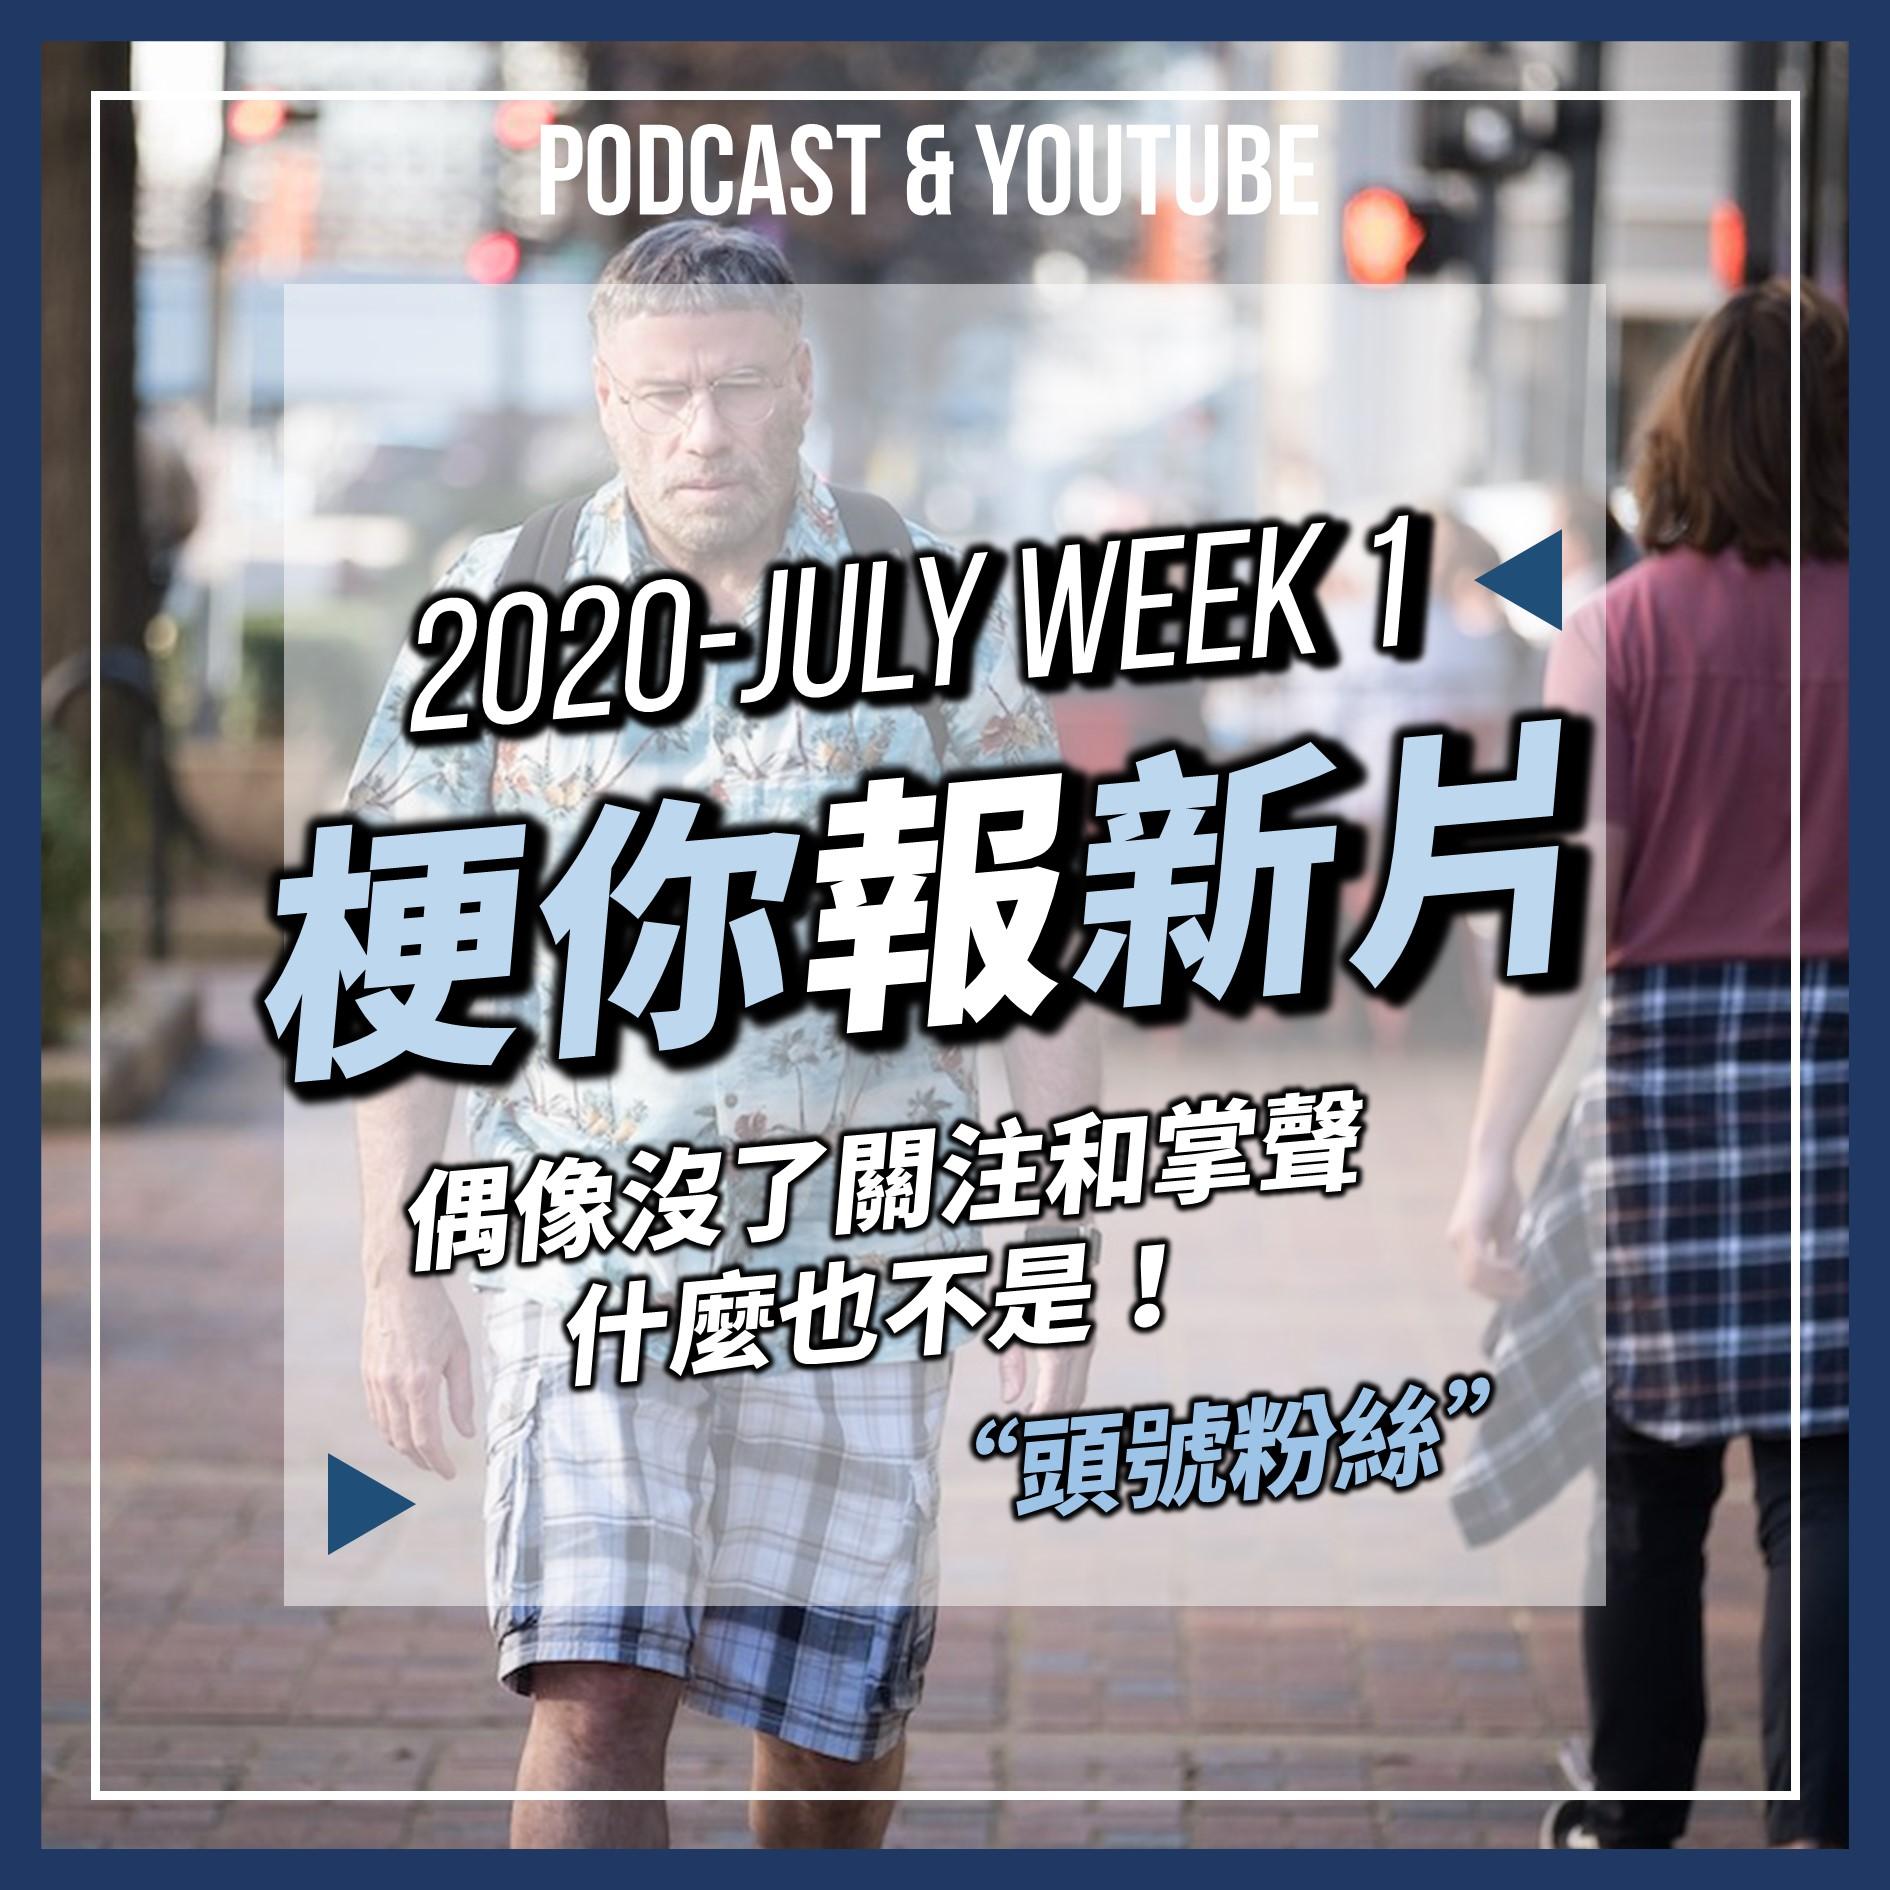 【梗你報新片】偶像沒了關注和掌聲,什麼也不是!《頭號粉絲》林普巴茲提特主唱 最新導演編劇作品! | 2020年7月第一週 台灣院線新片 XXY feat. 筱姍